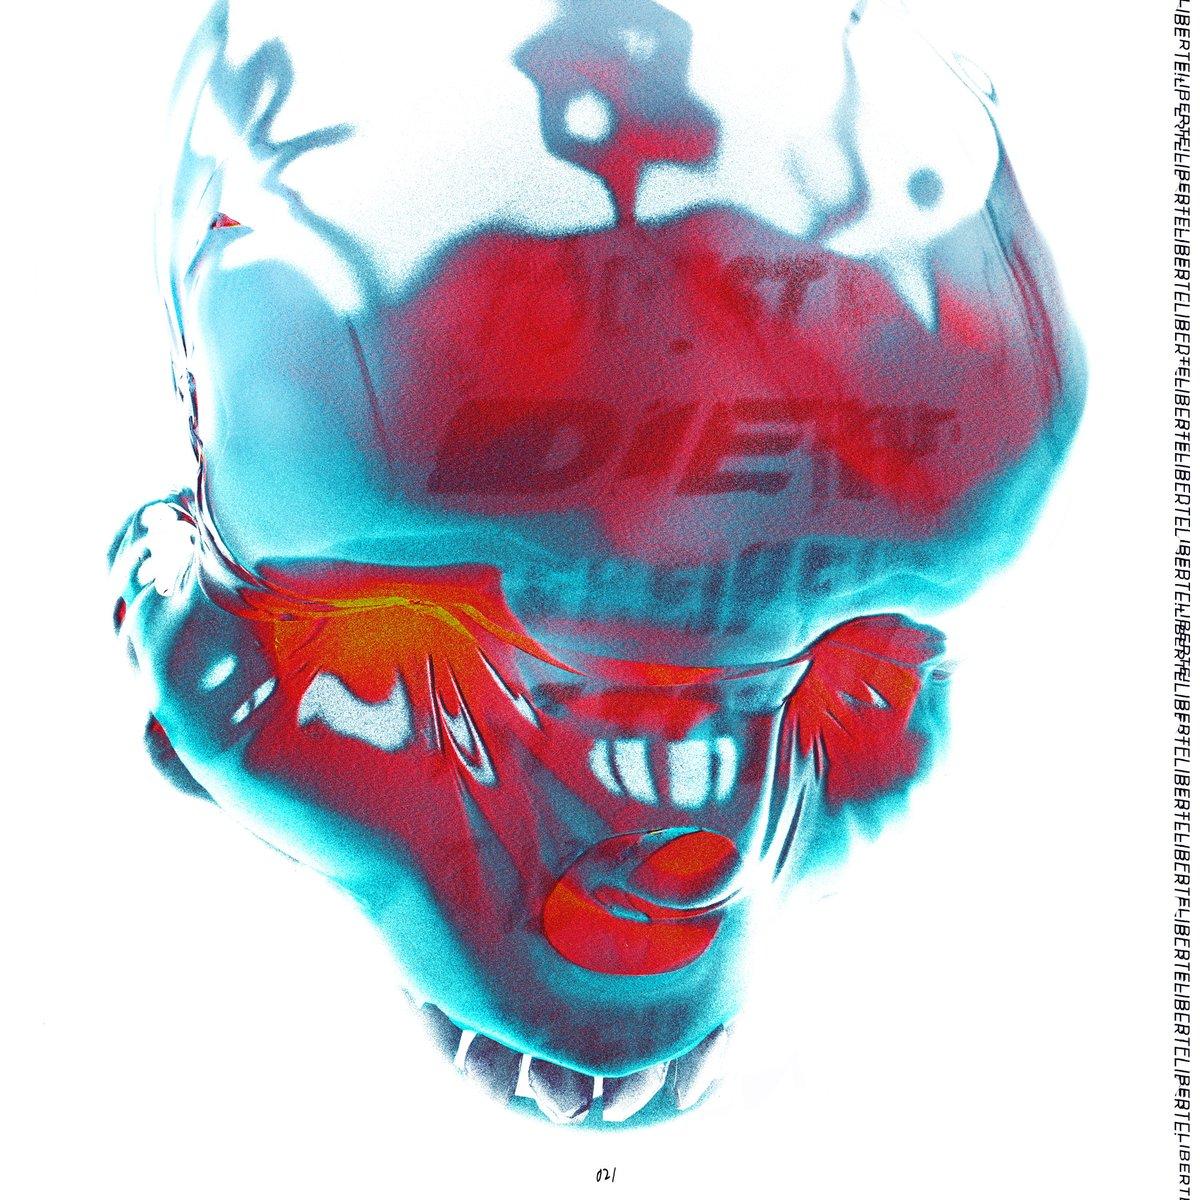 #coverdesign #skull #plasticbag #design #renderingpic.twitter.com/39LjF2Jwsh